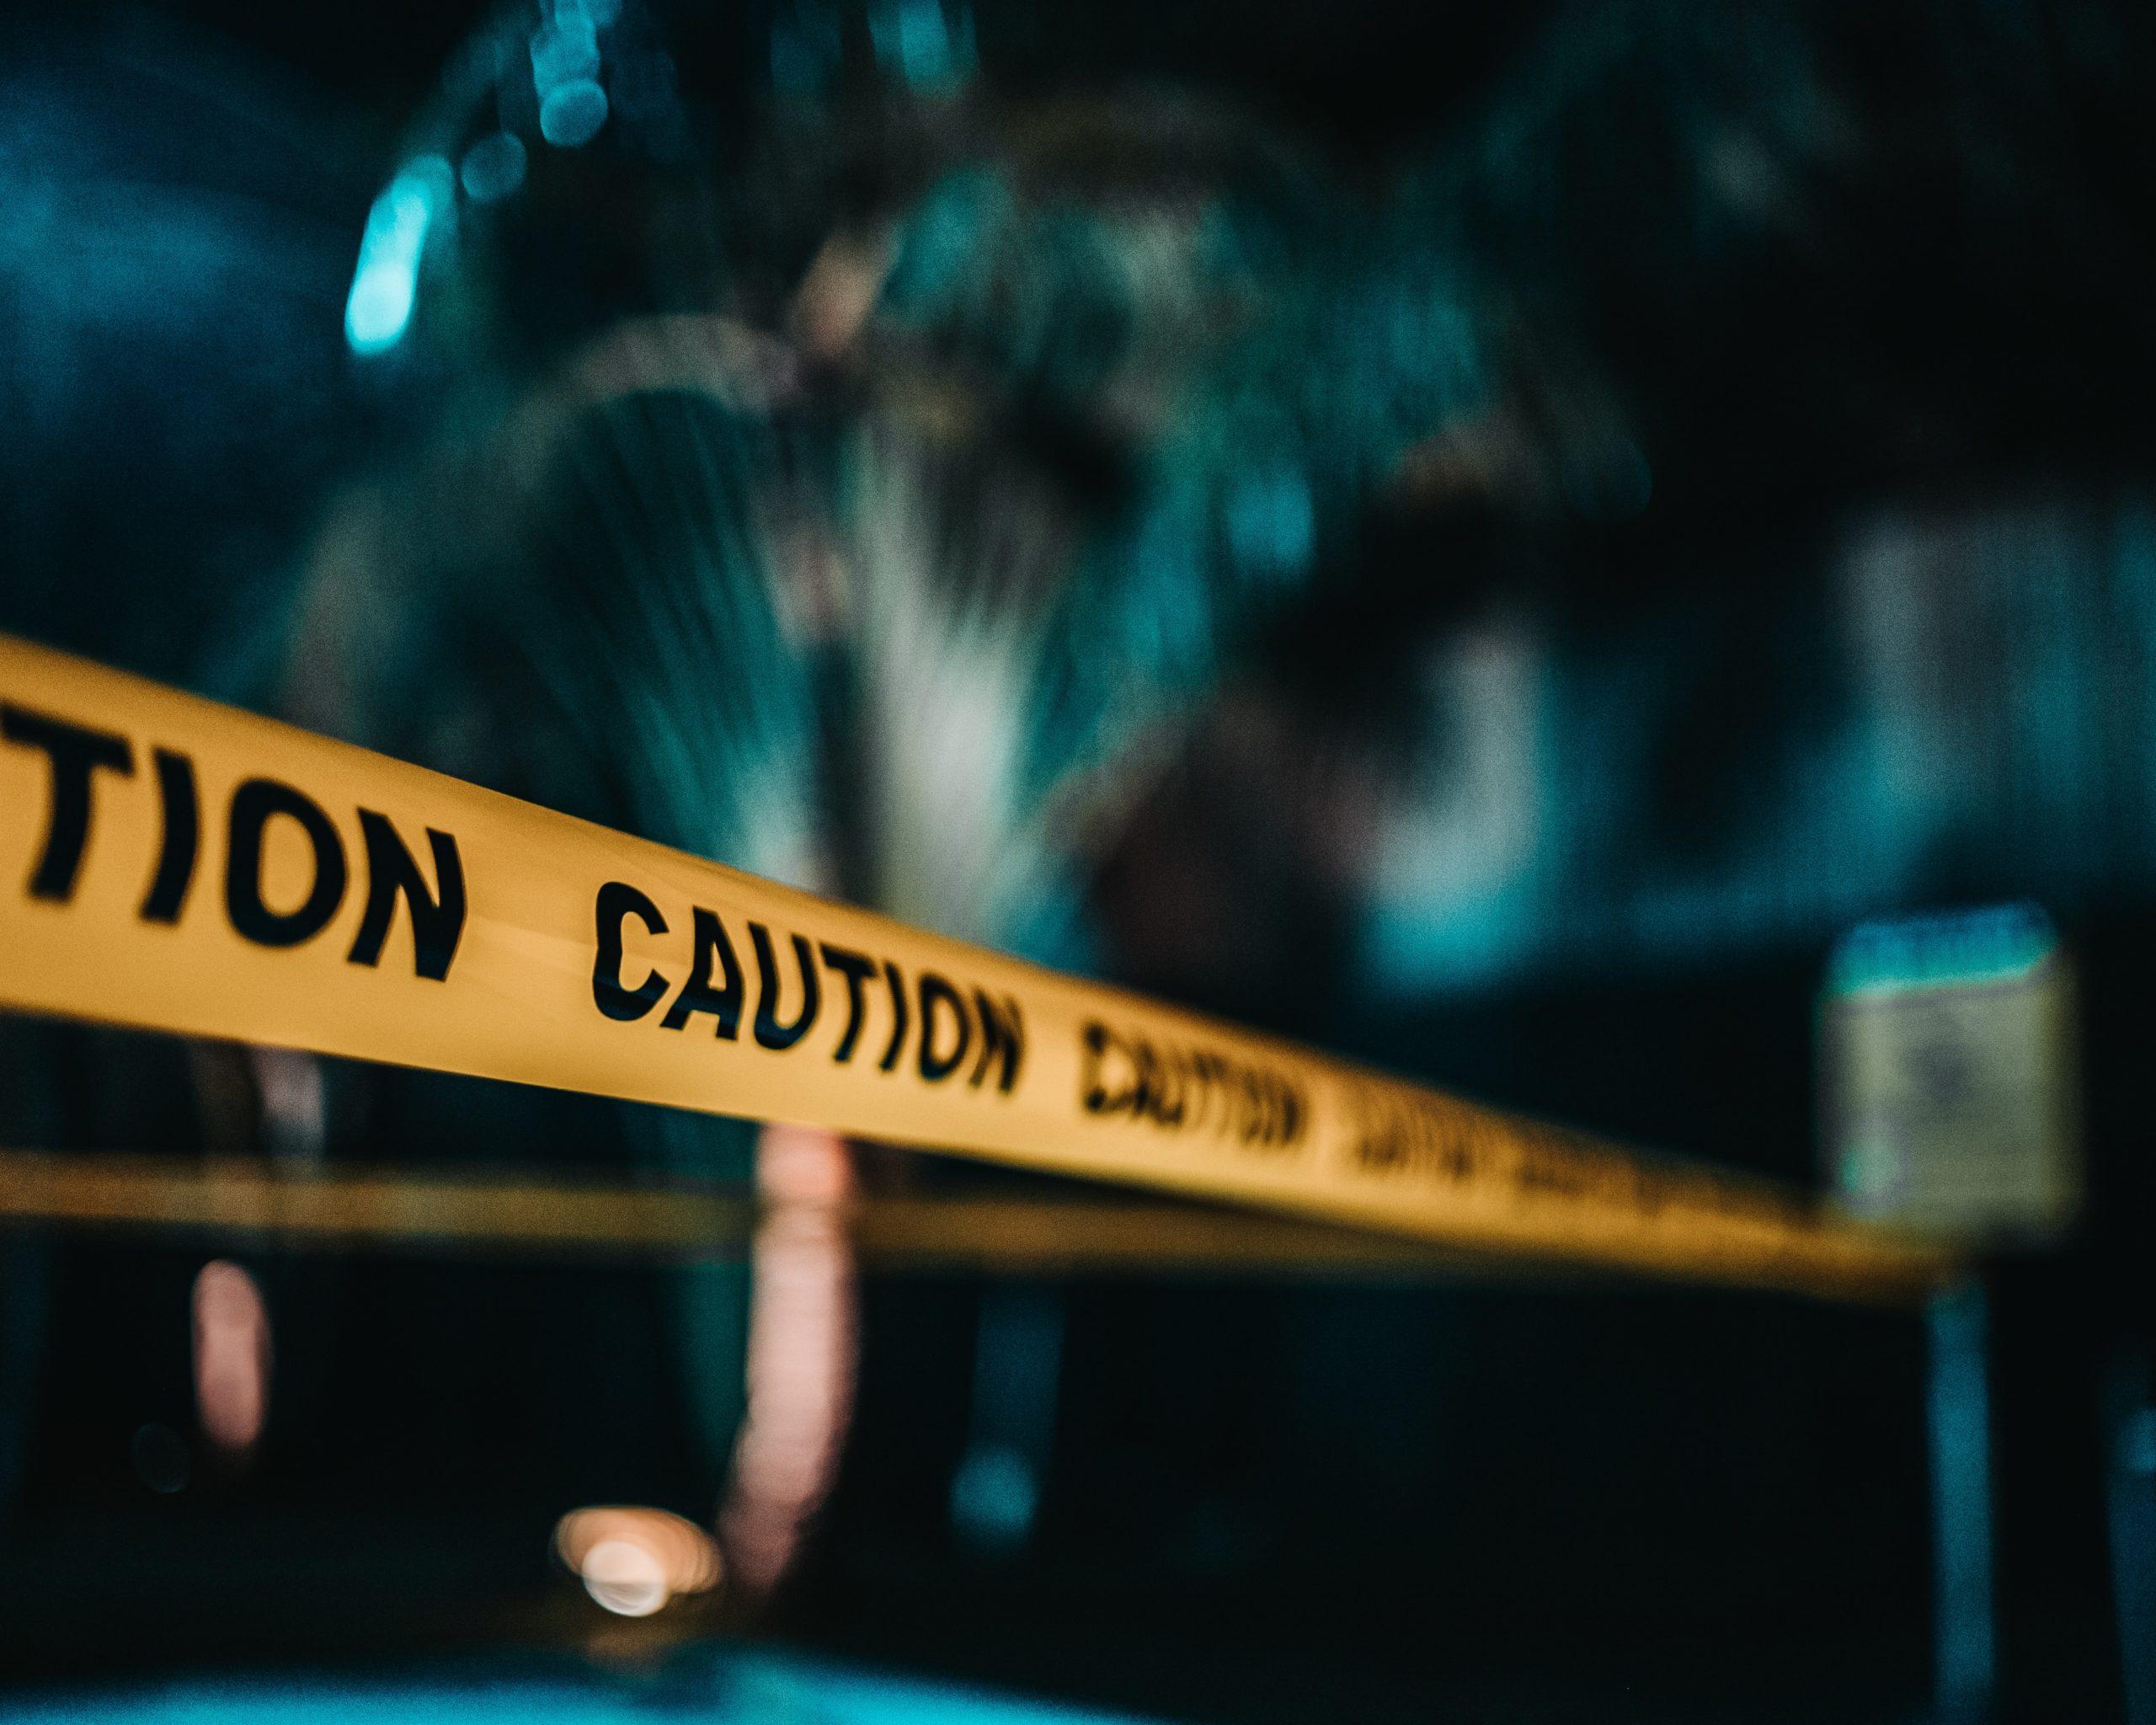 Yellow caution tape around blurred trees at night